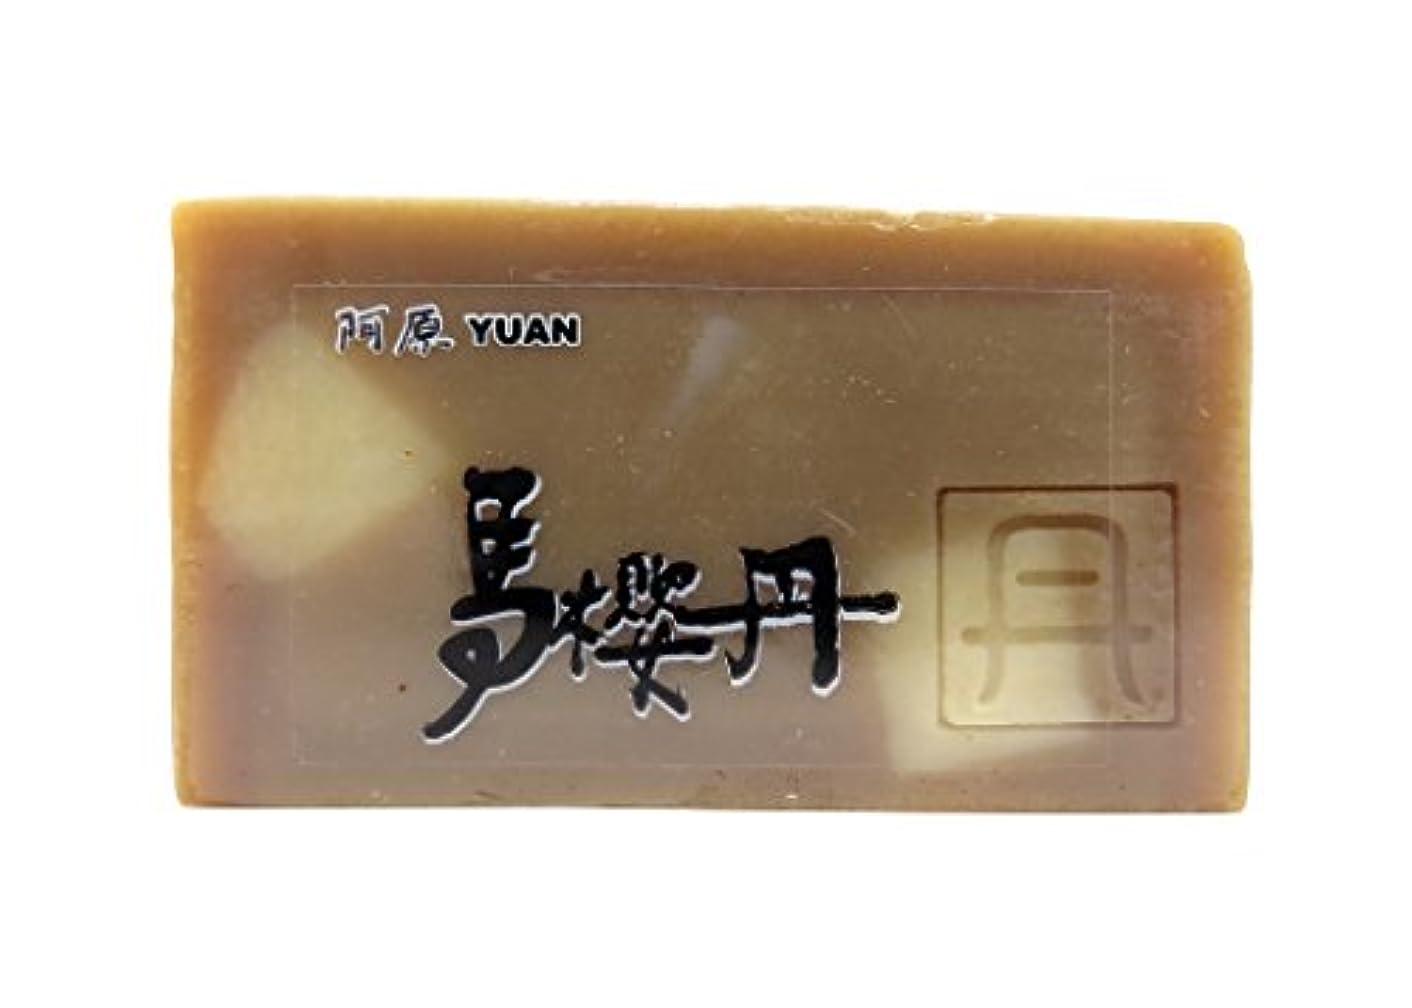 文化離す囚人ユアン(YUAN) ランタナソープ 固形 100g (阿原 ユアンソープ)